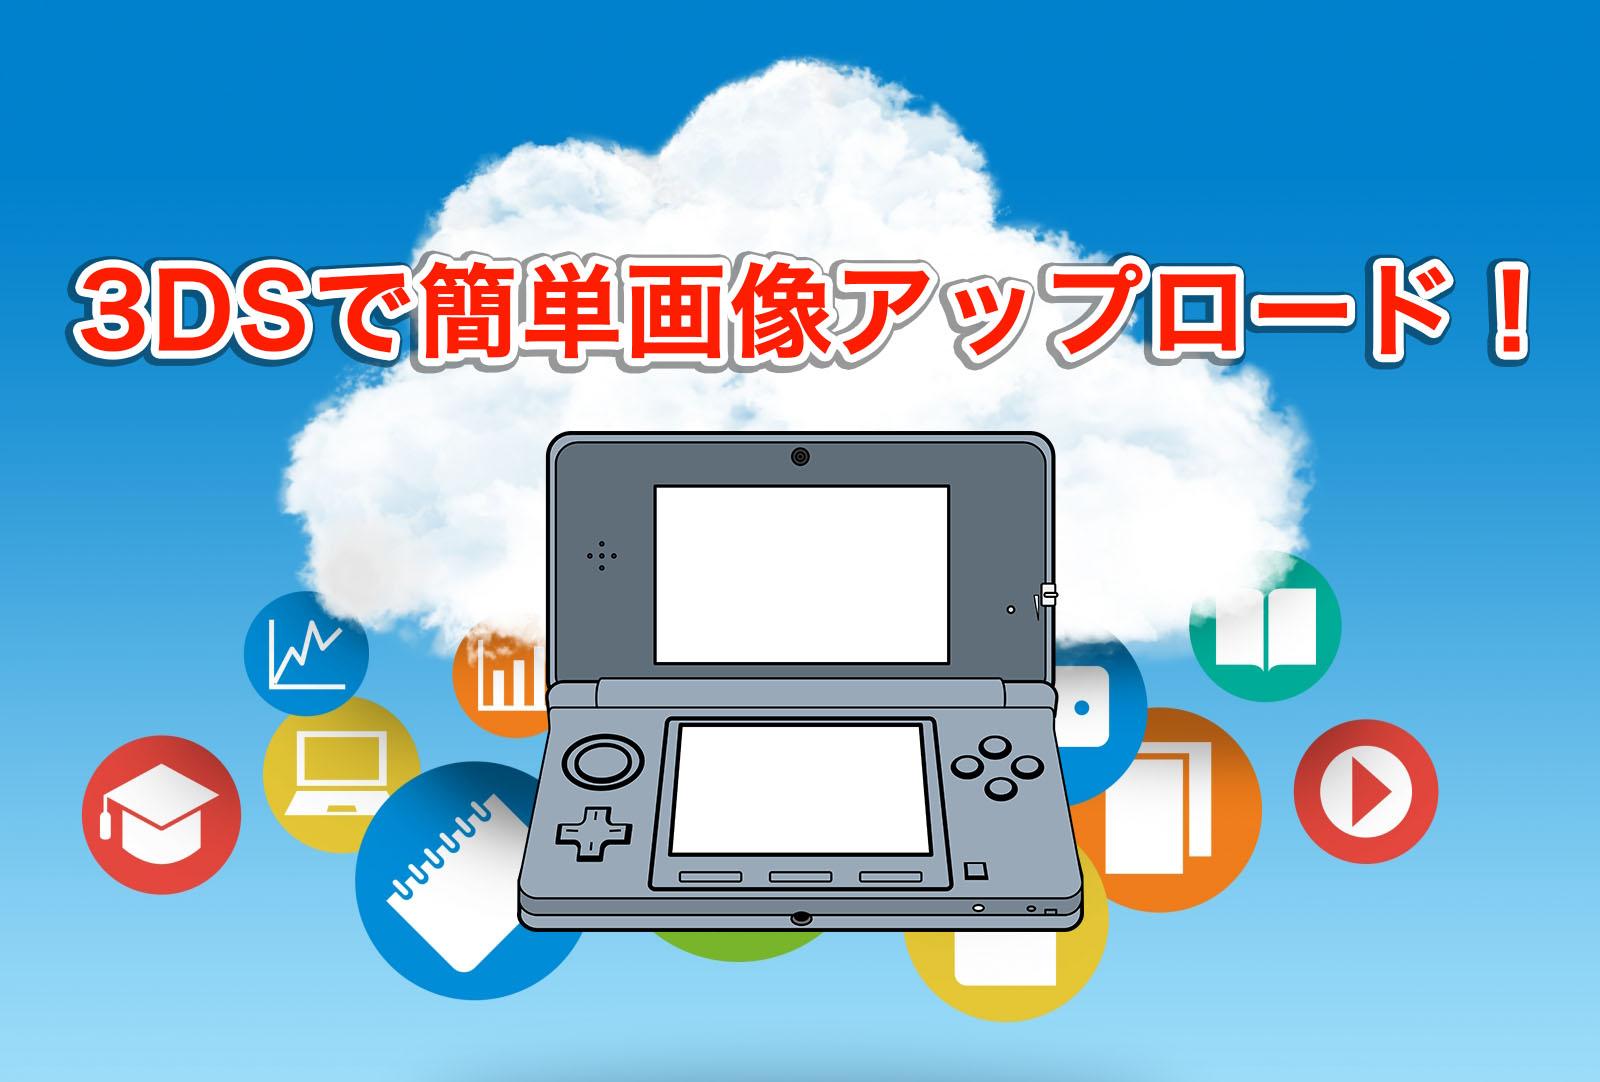 【SD抜き差し不要!】3DSで簡単画像アップロード!【画像アップ】